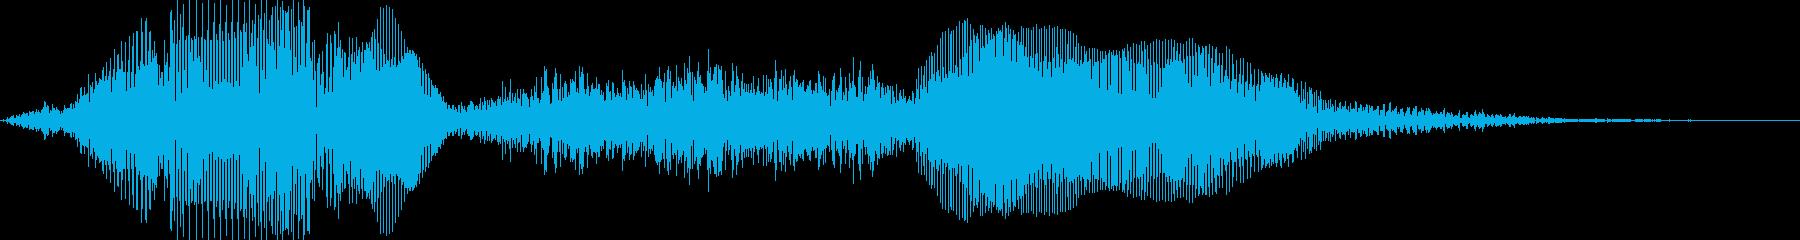 プッシュ!の再生済みの波形